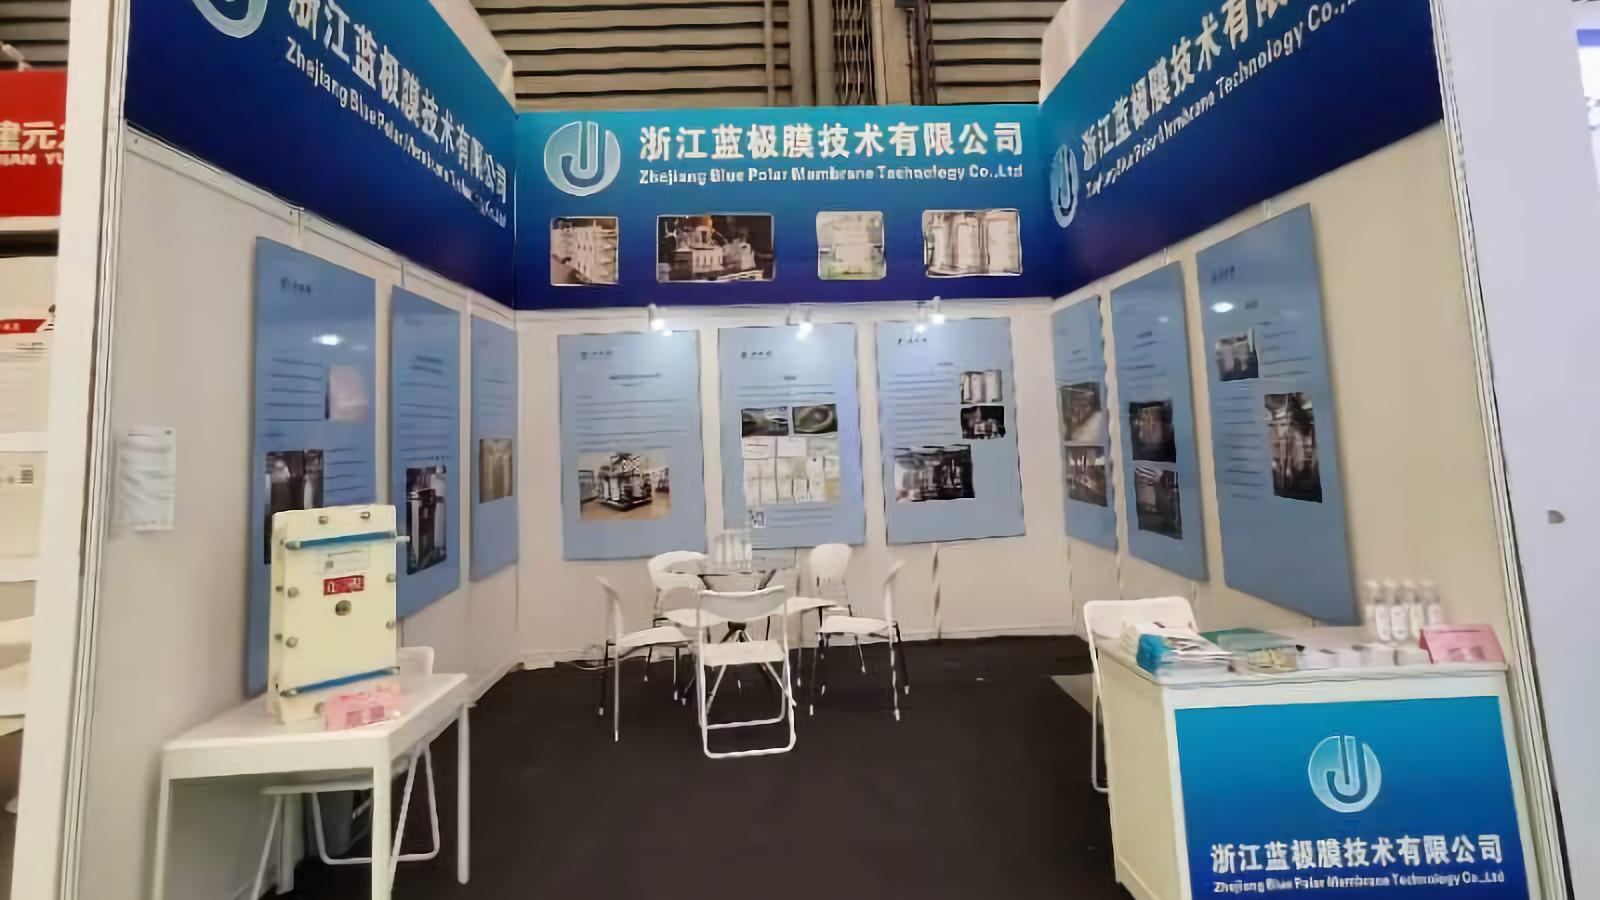 蓝极膜技术——中国环博会膜雷竞技官网app推荐